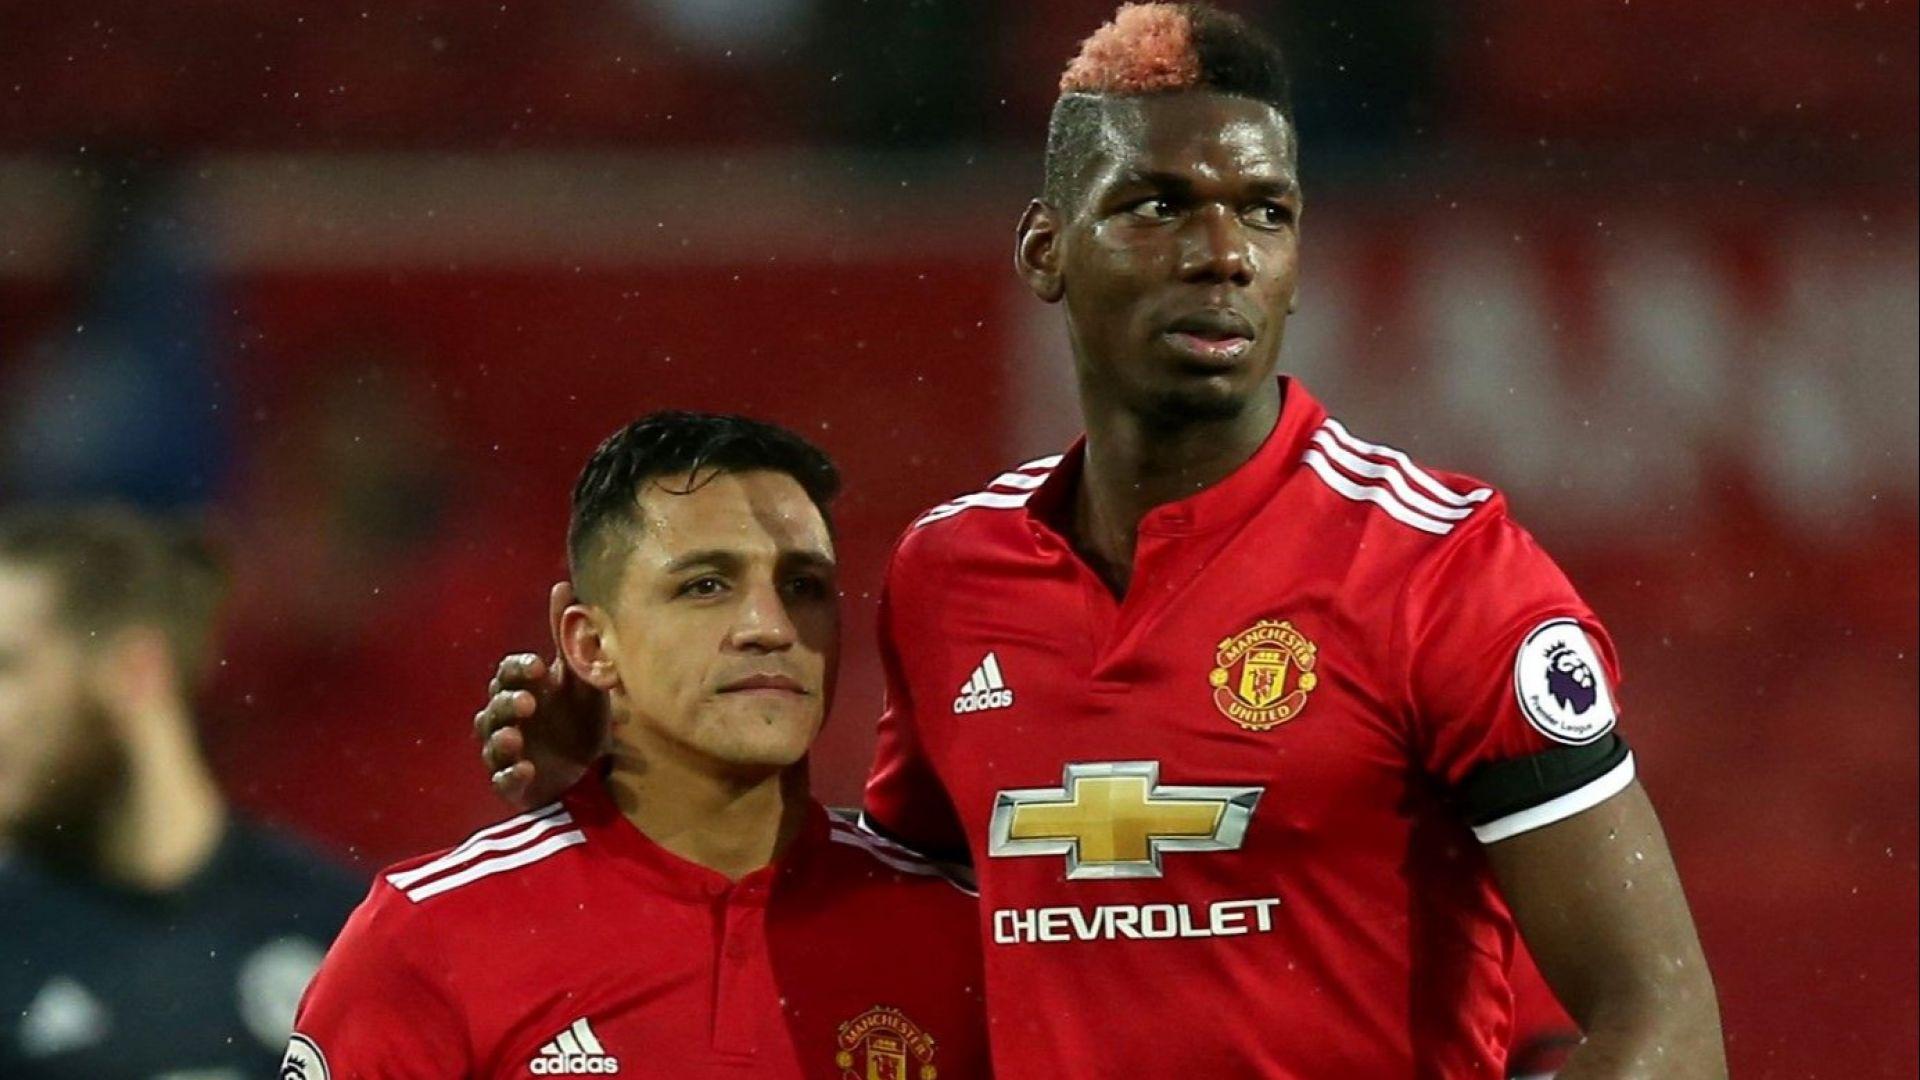 Юнайтед запази финансовата мощ, но загуби футболната идентичност